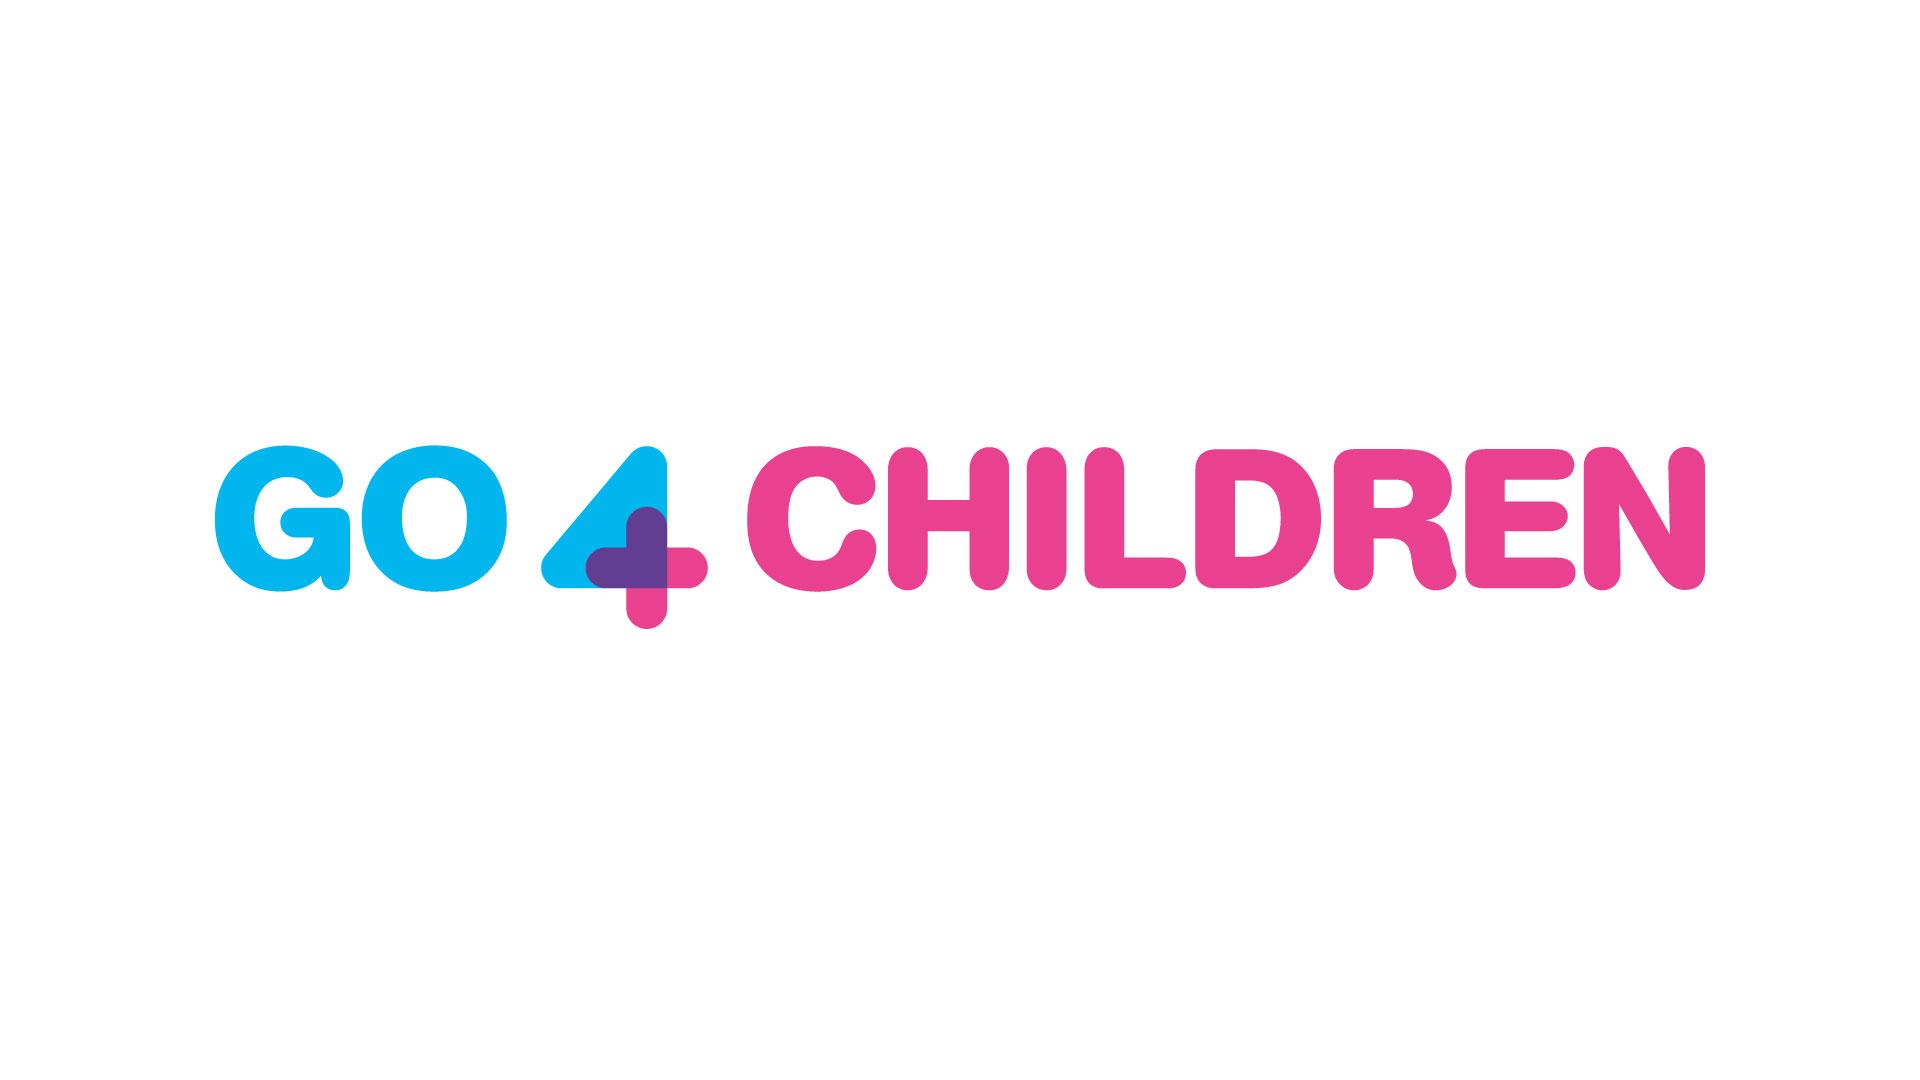 go4children